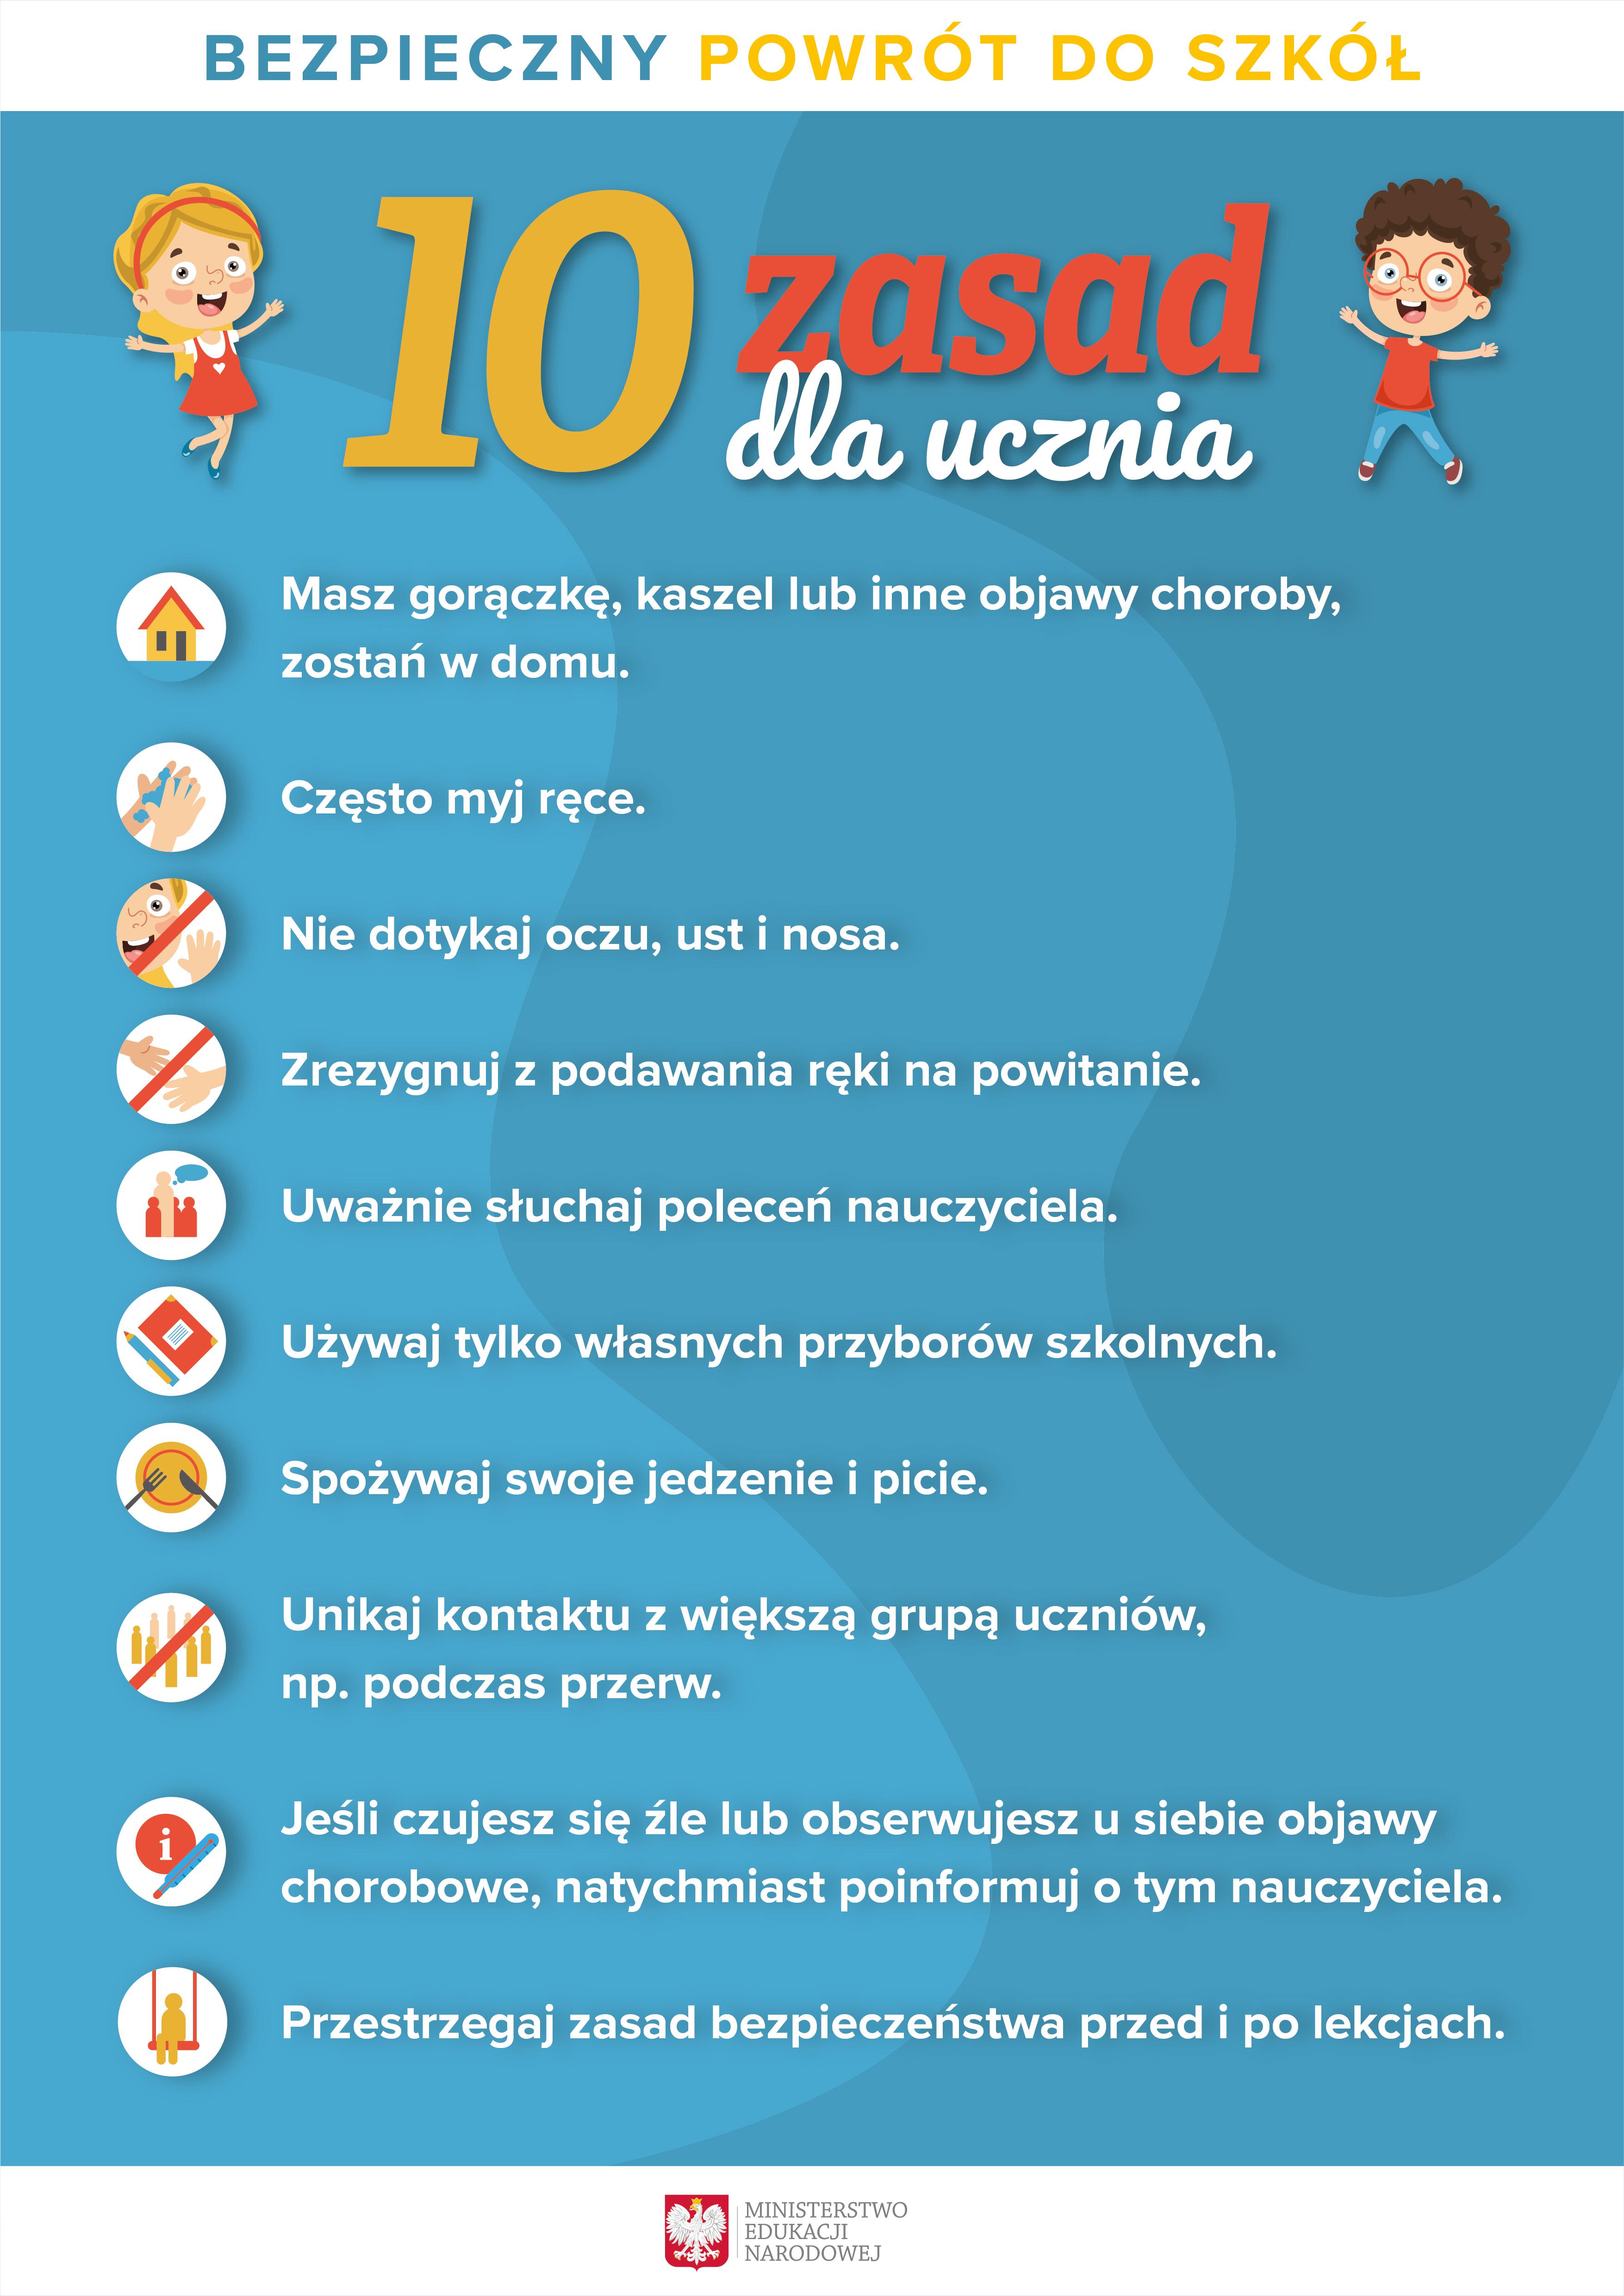 10 zasad dla ucznia